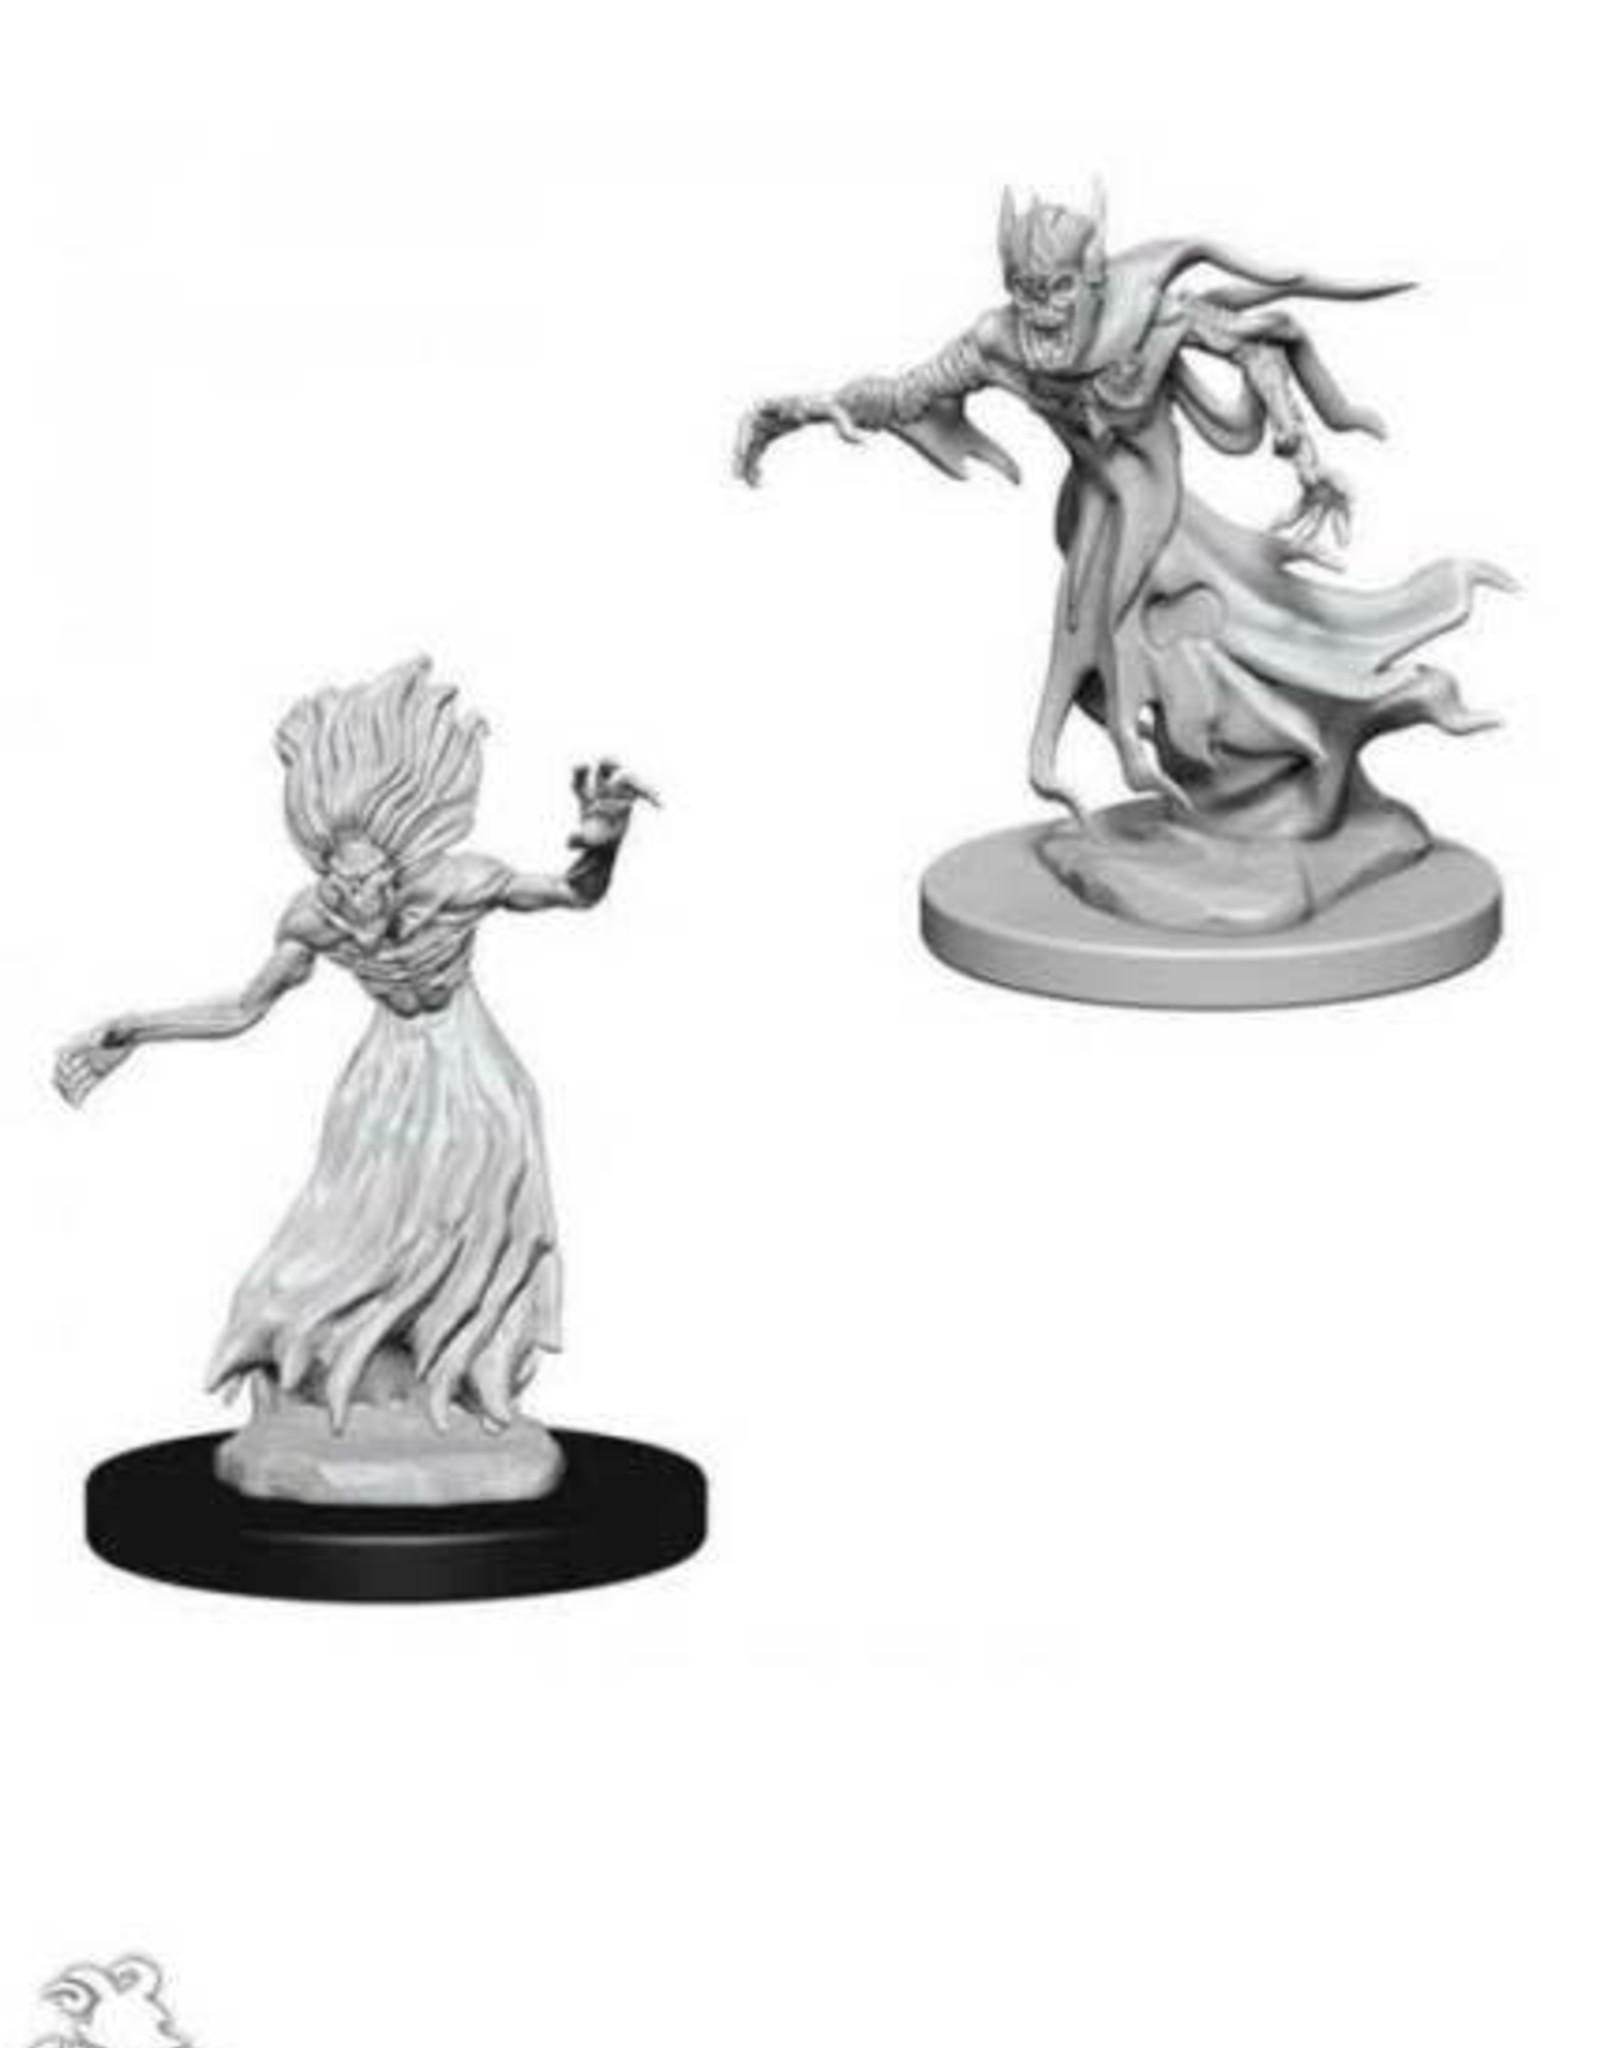 WizKids D&D Nolzur Wraith and Specter